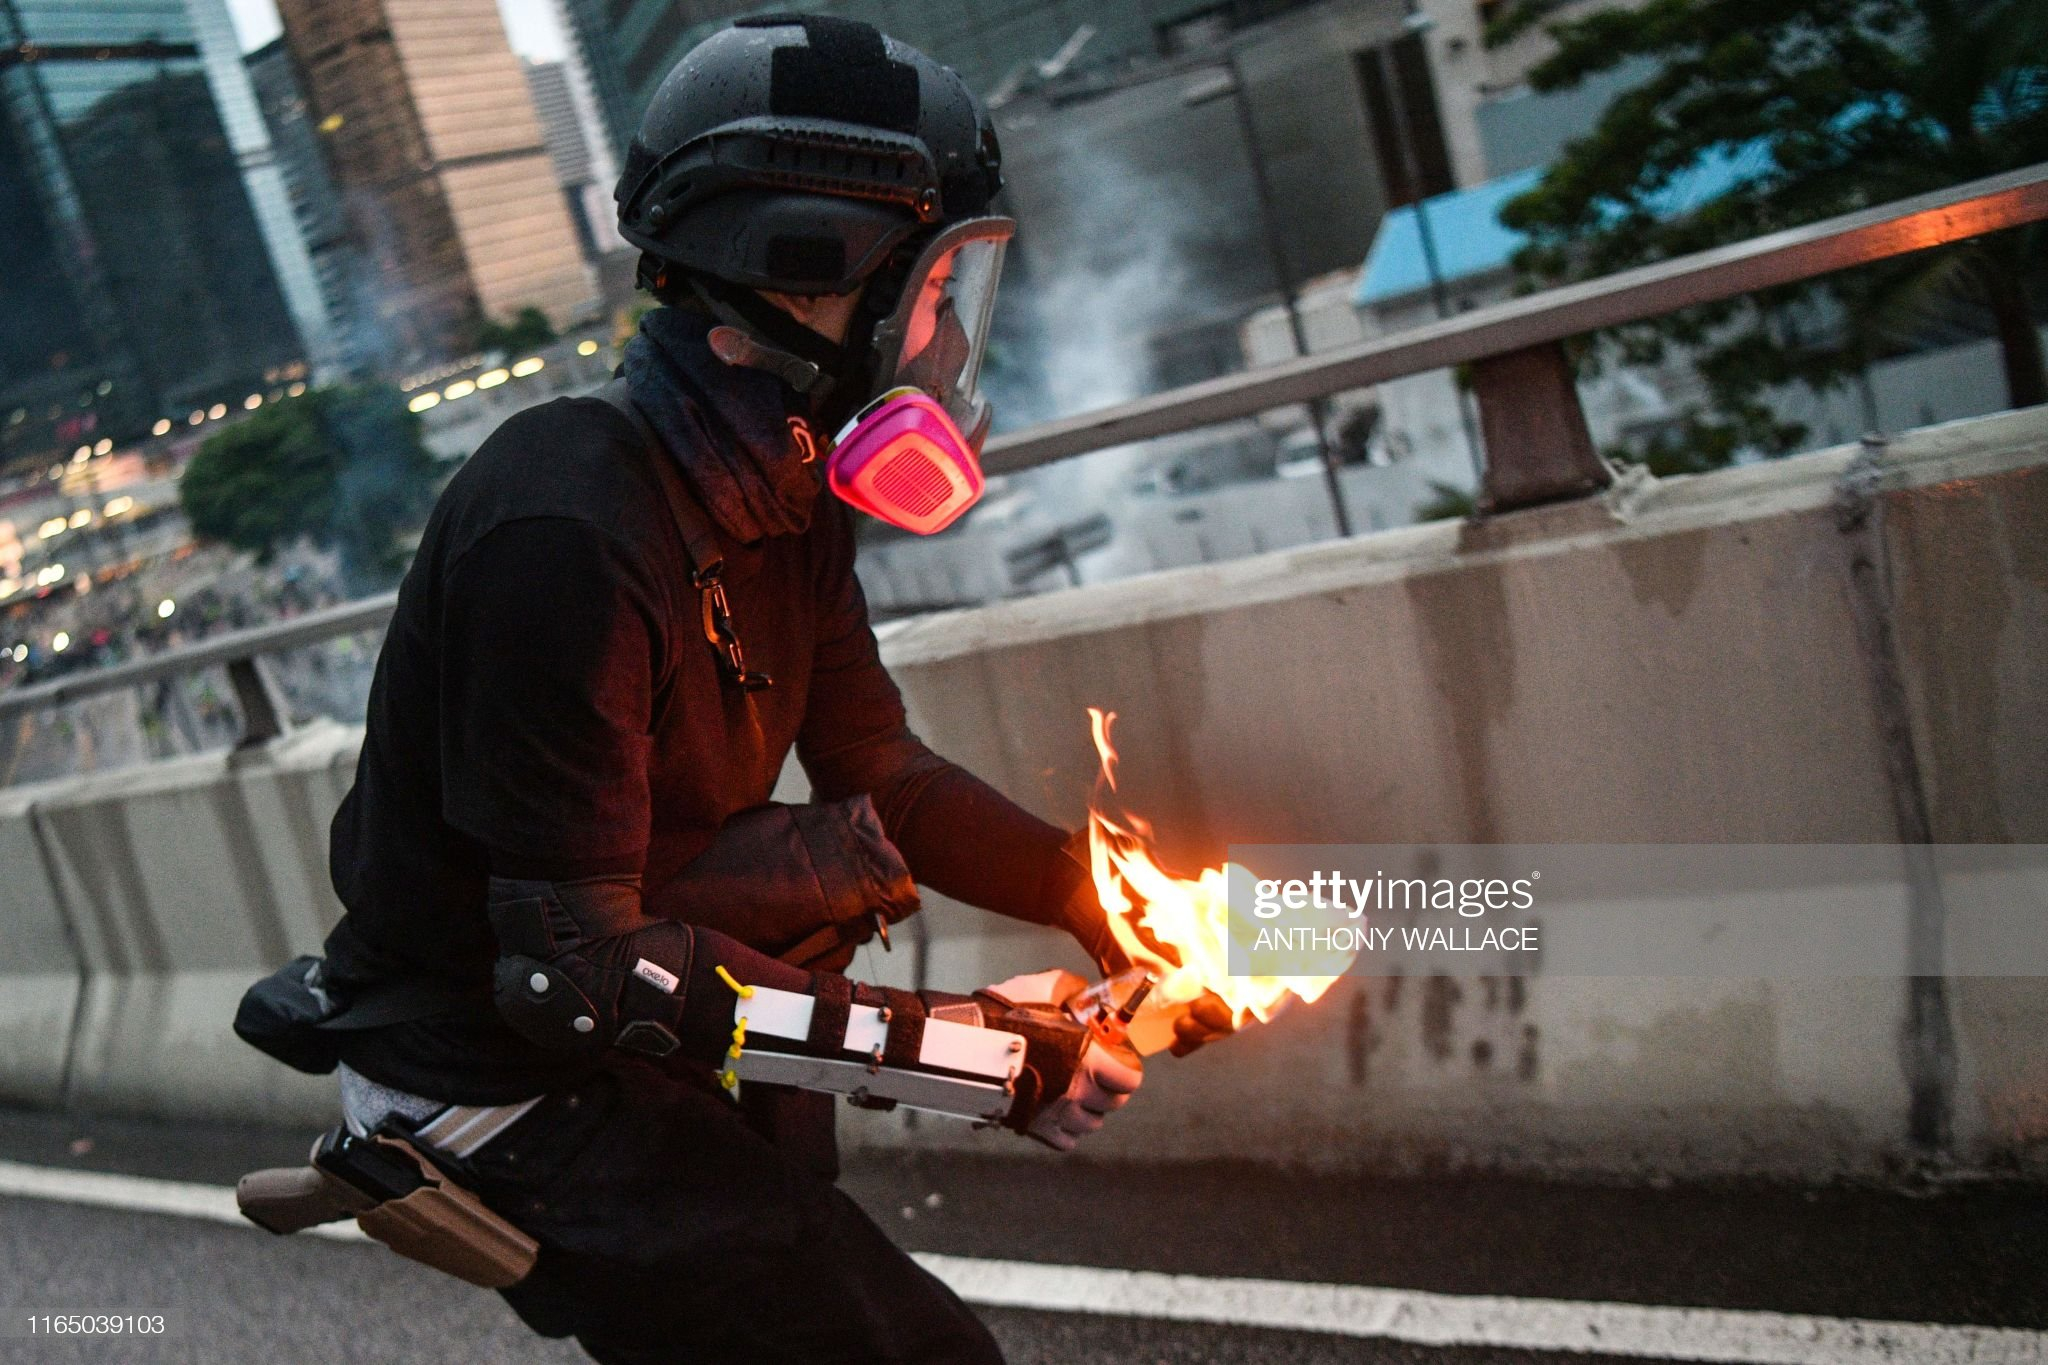 TOPSHOT-HONG KONG-CHINA-POLITICS-UNREST : News Photo